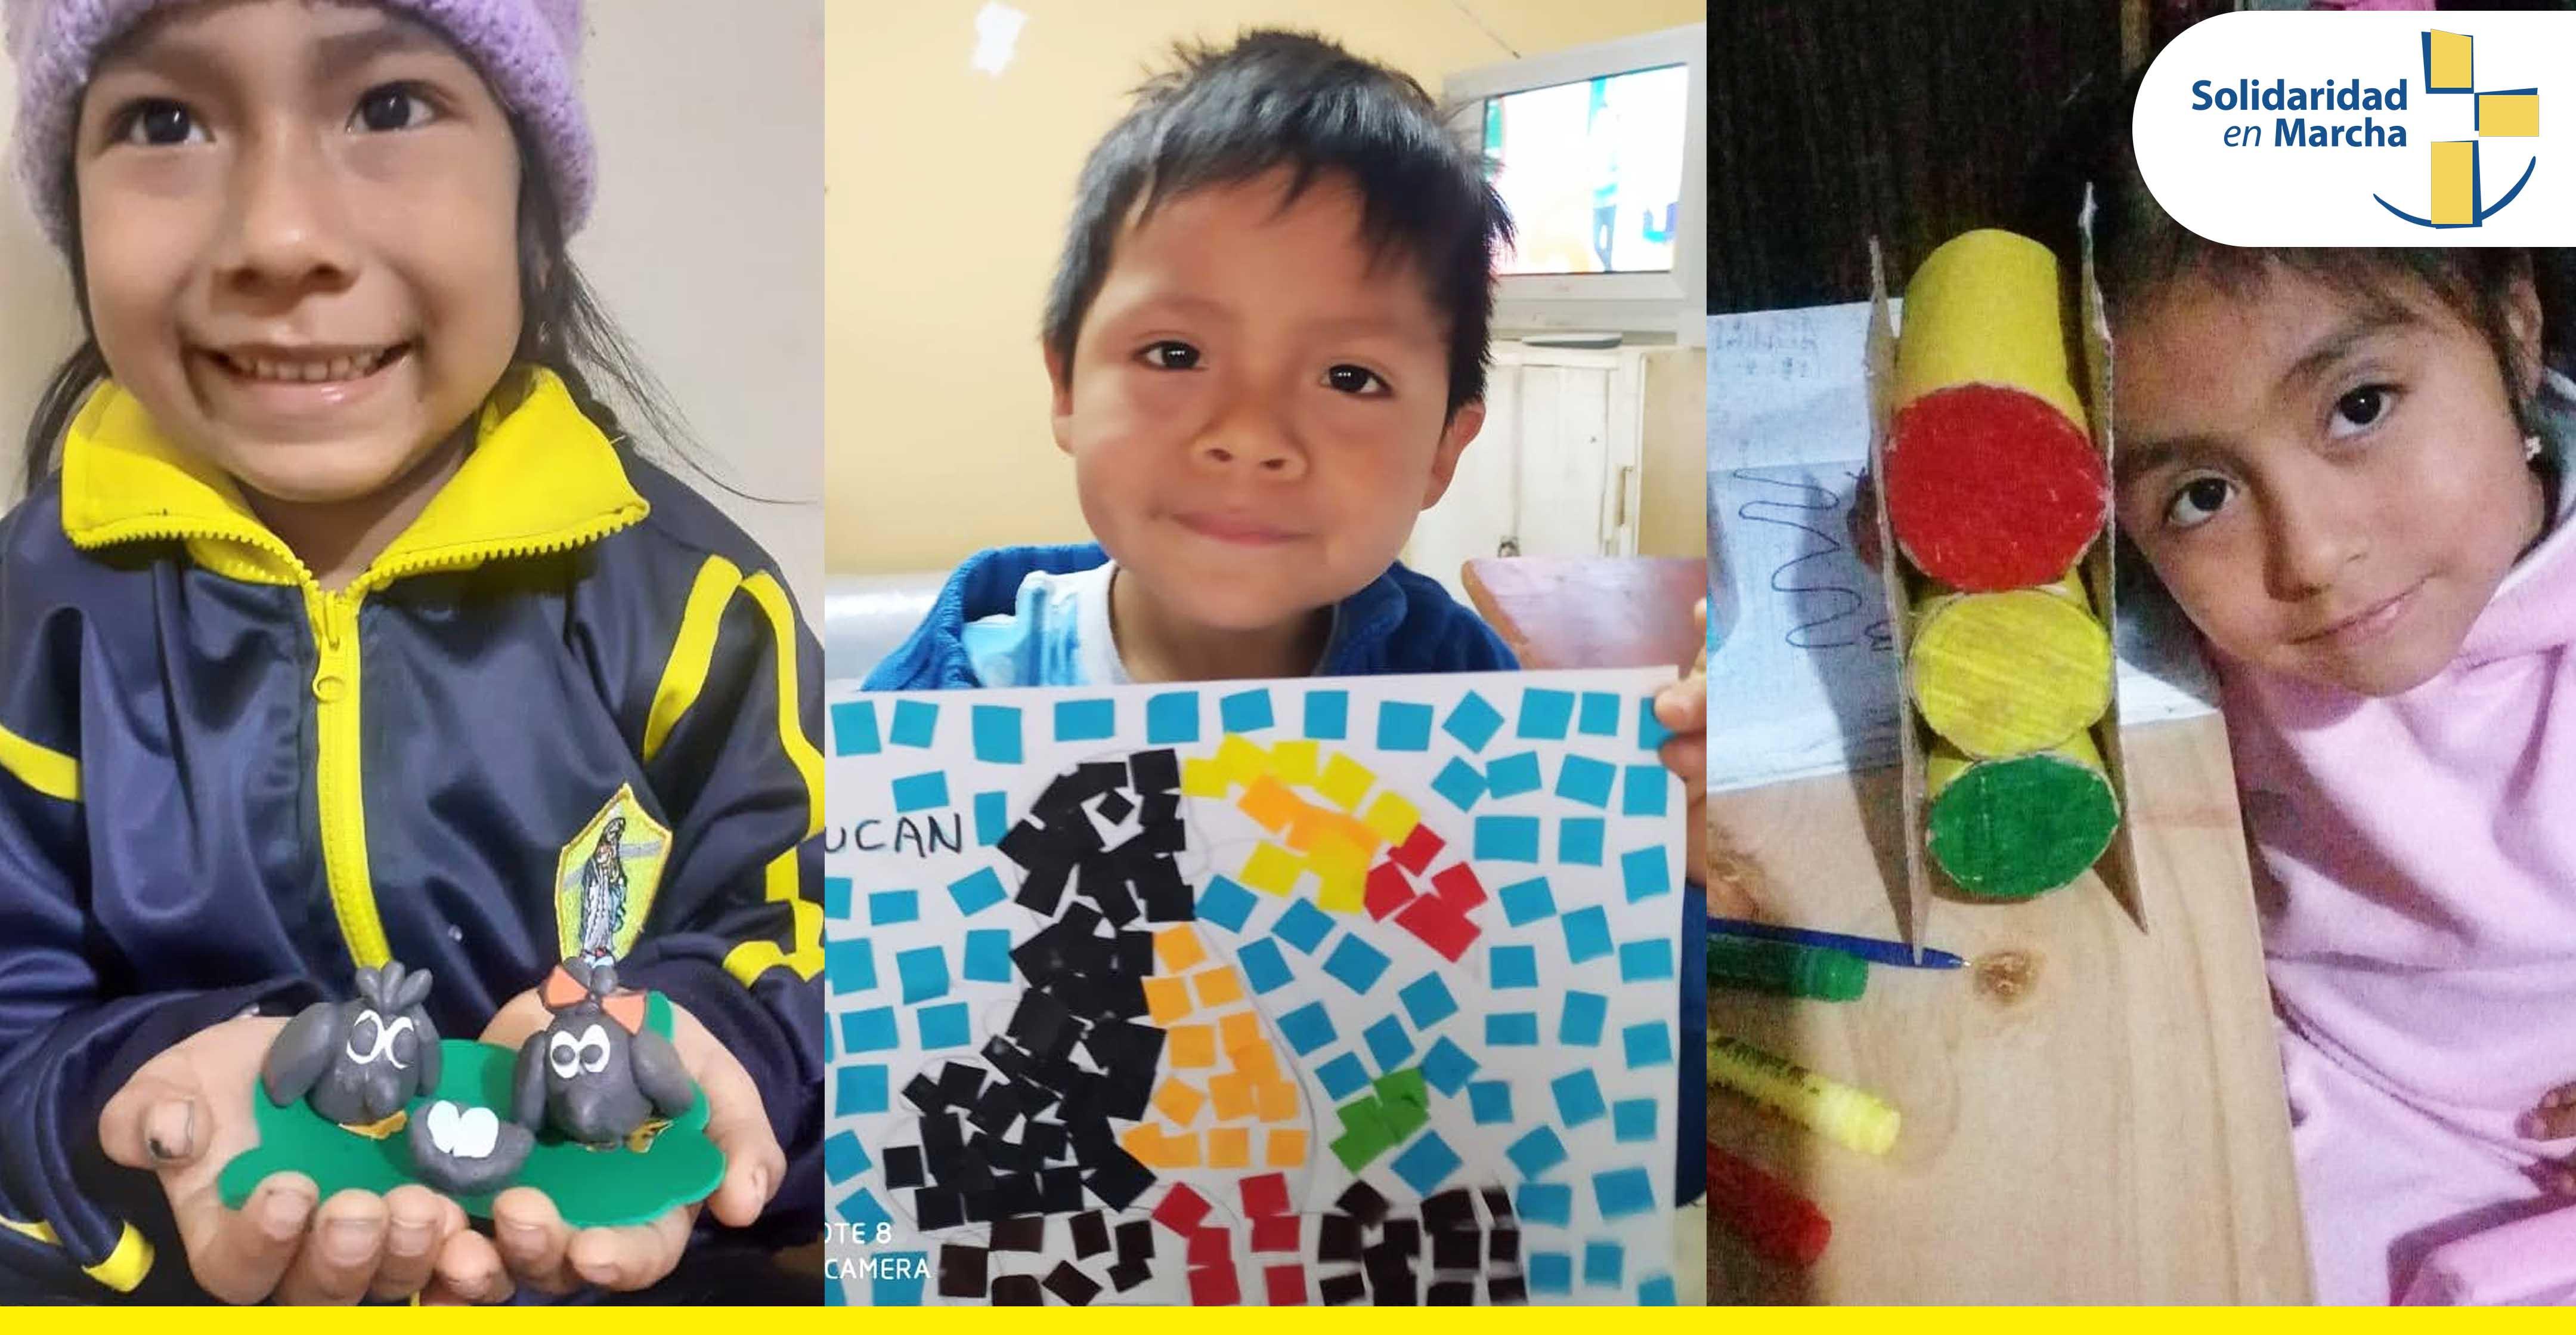 Nidos solidarios: brindan educación de calidad